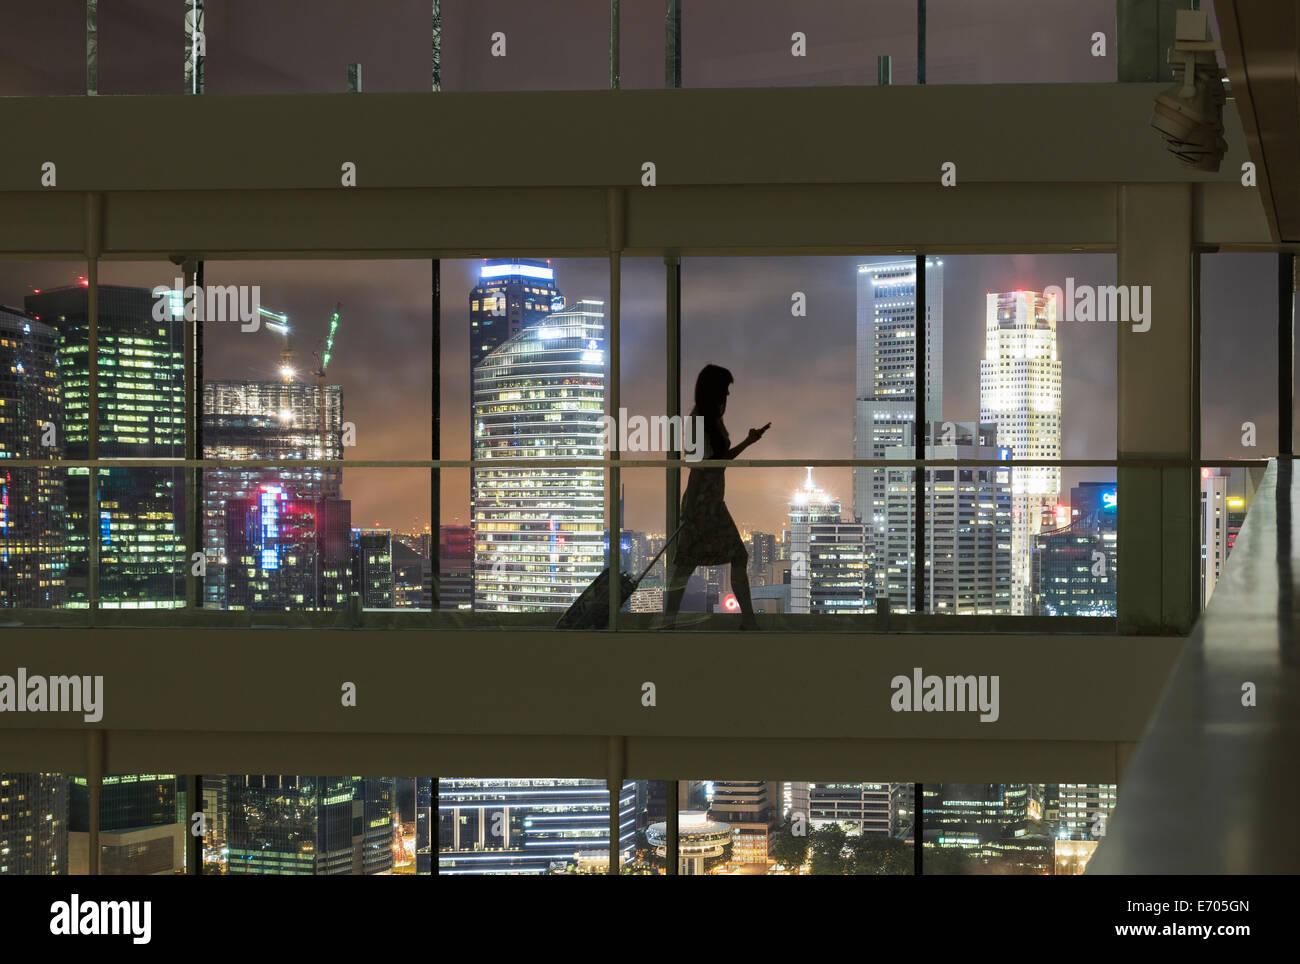 Giovane donna utilizza lo smartphone e tirando la valigia, skyline della città in vista Immagini Stock